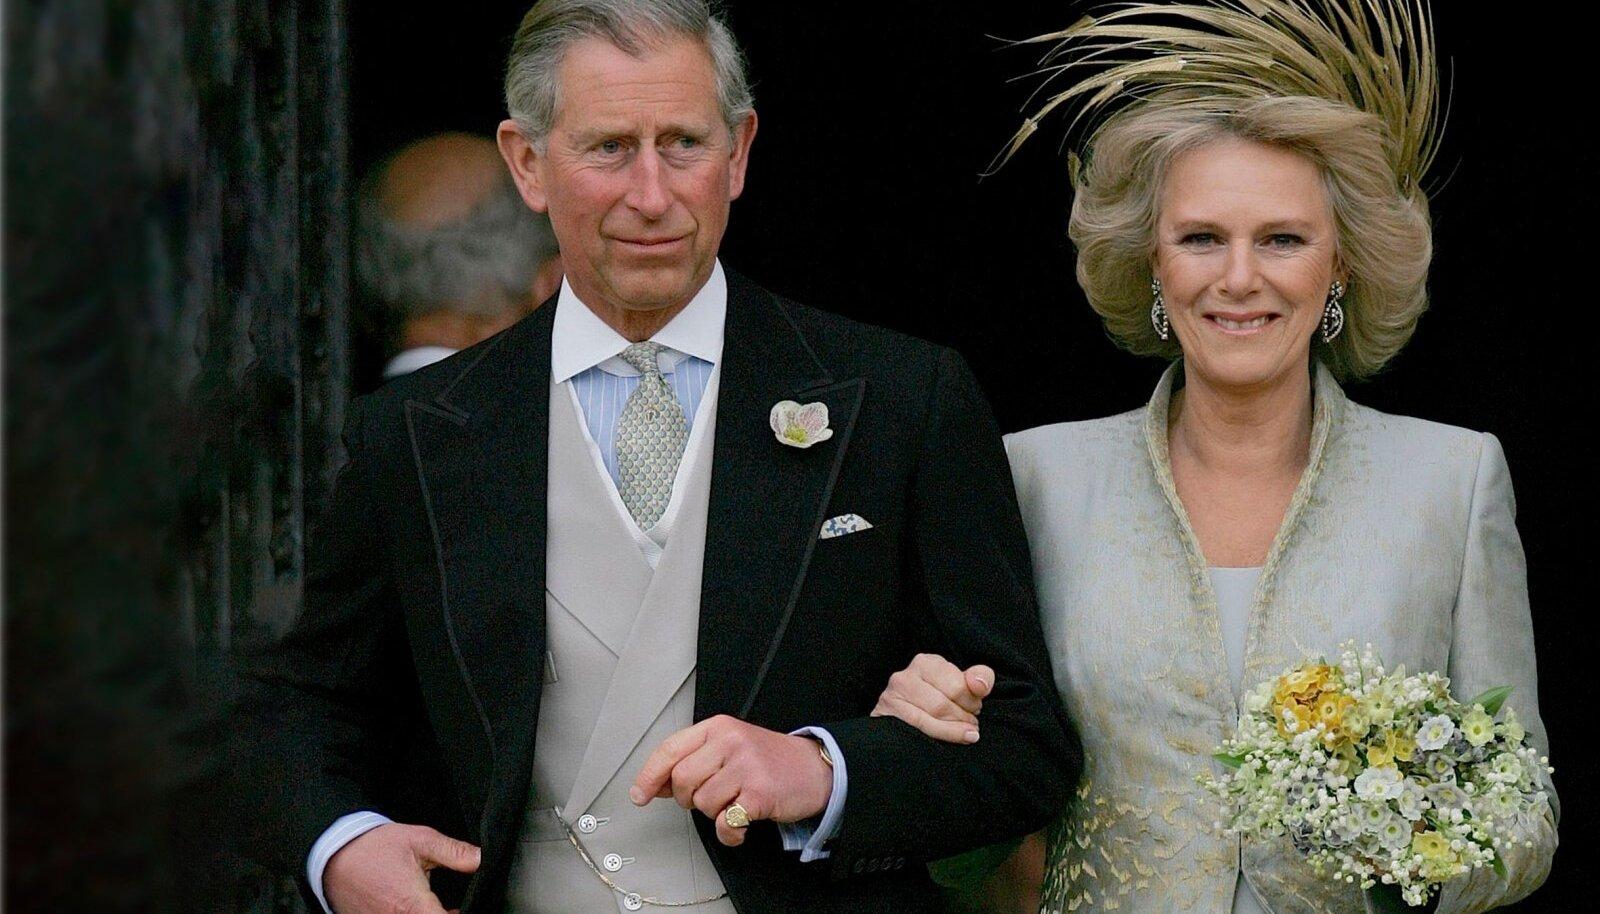 Prints Charles ja Camilla lahkumas kabelist oma pulma-päeval 2005. aasta kevadel.